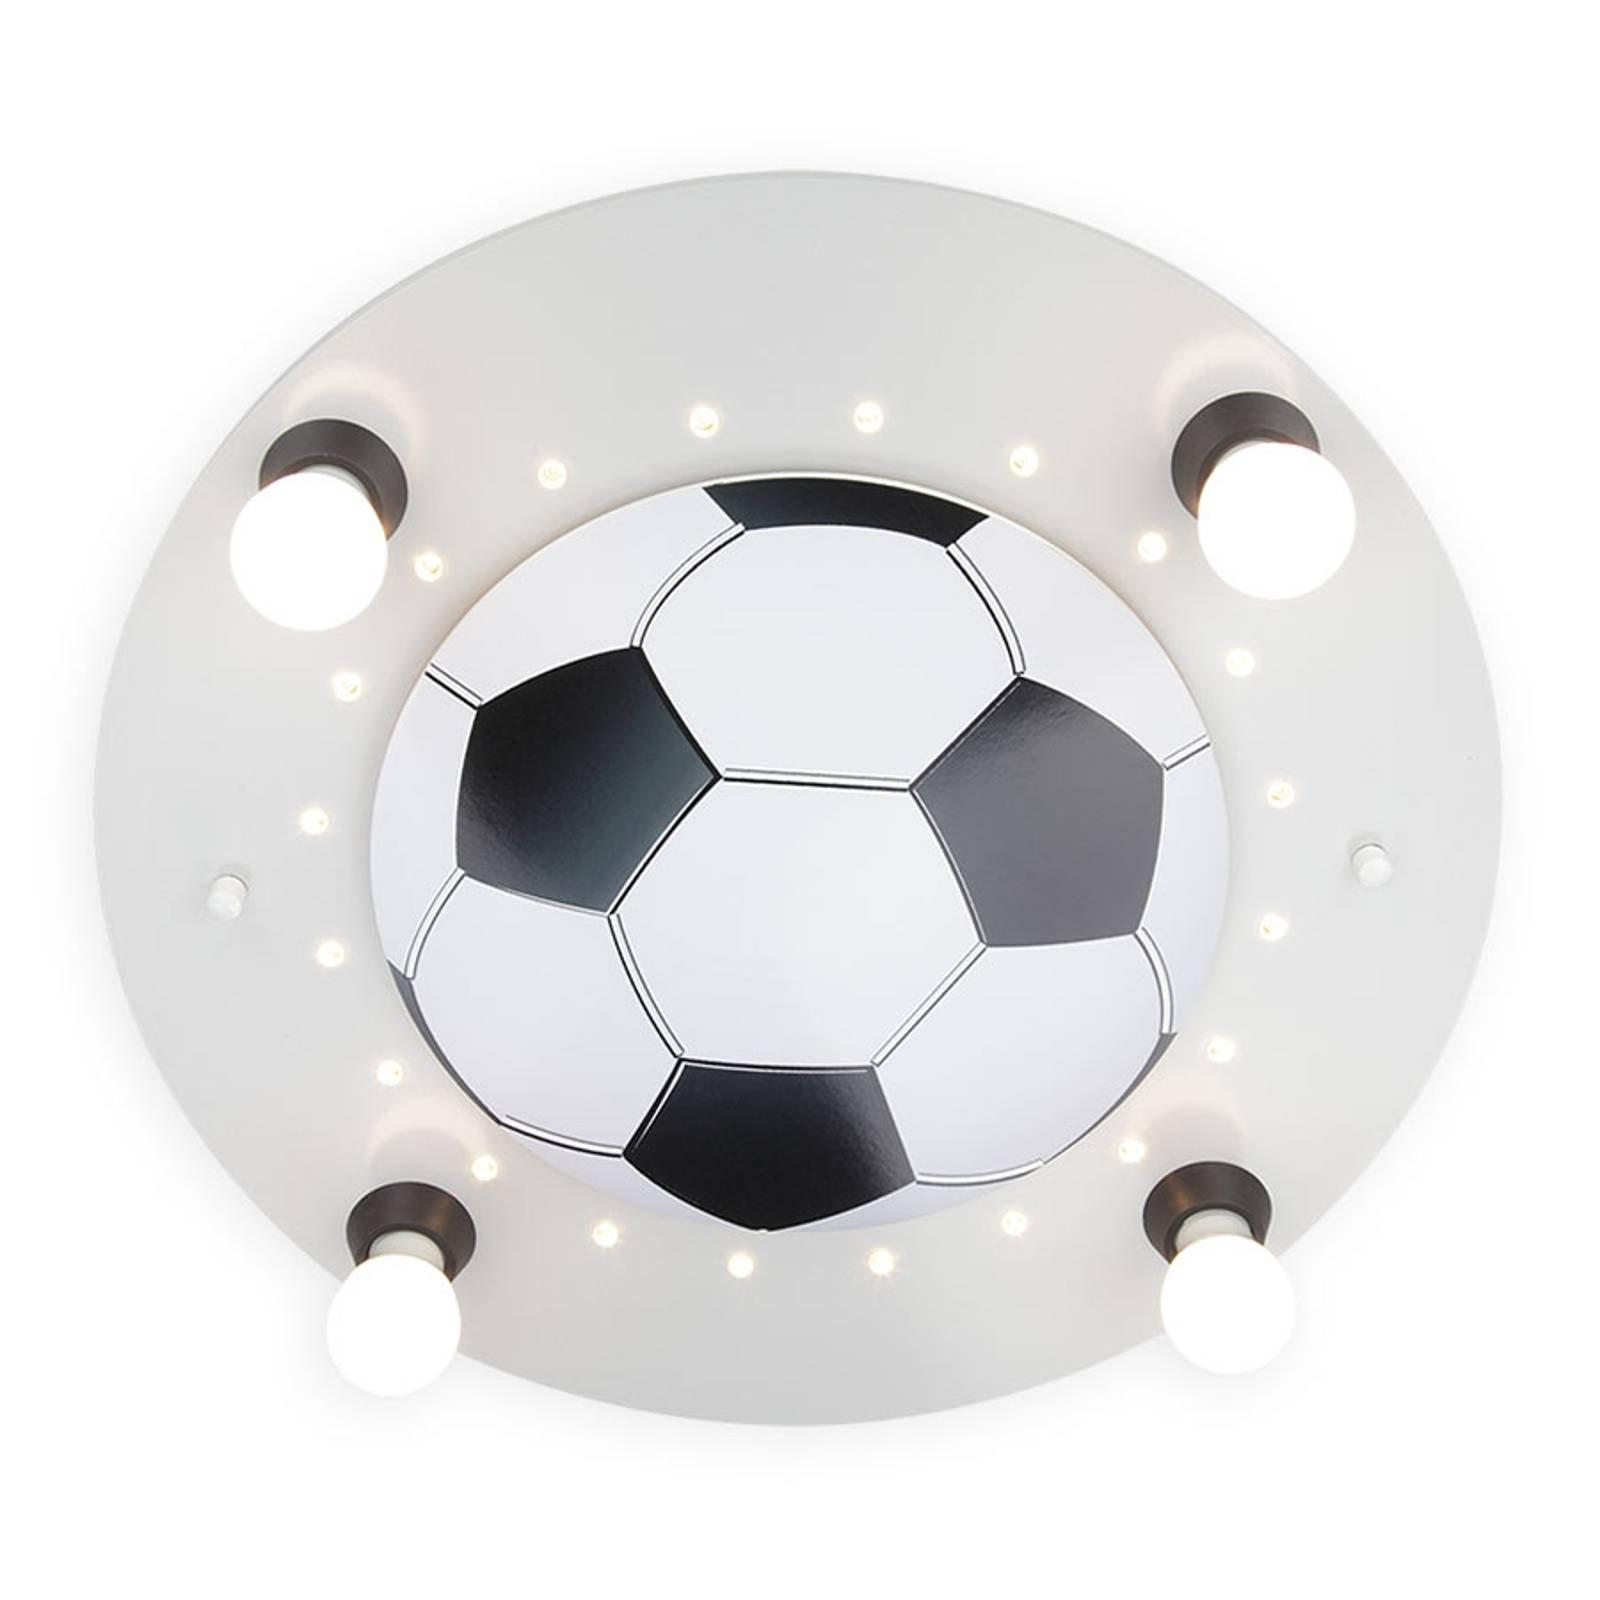 Taklampe Fotball, 4 lyskilder, sølv og hvit